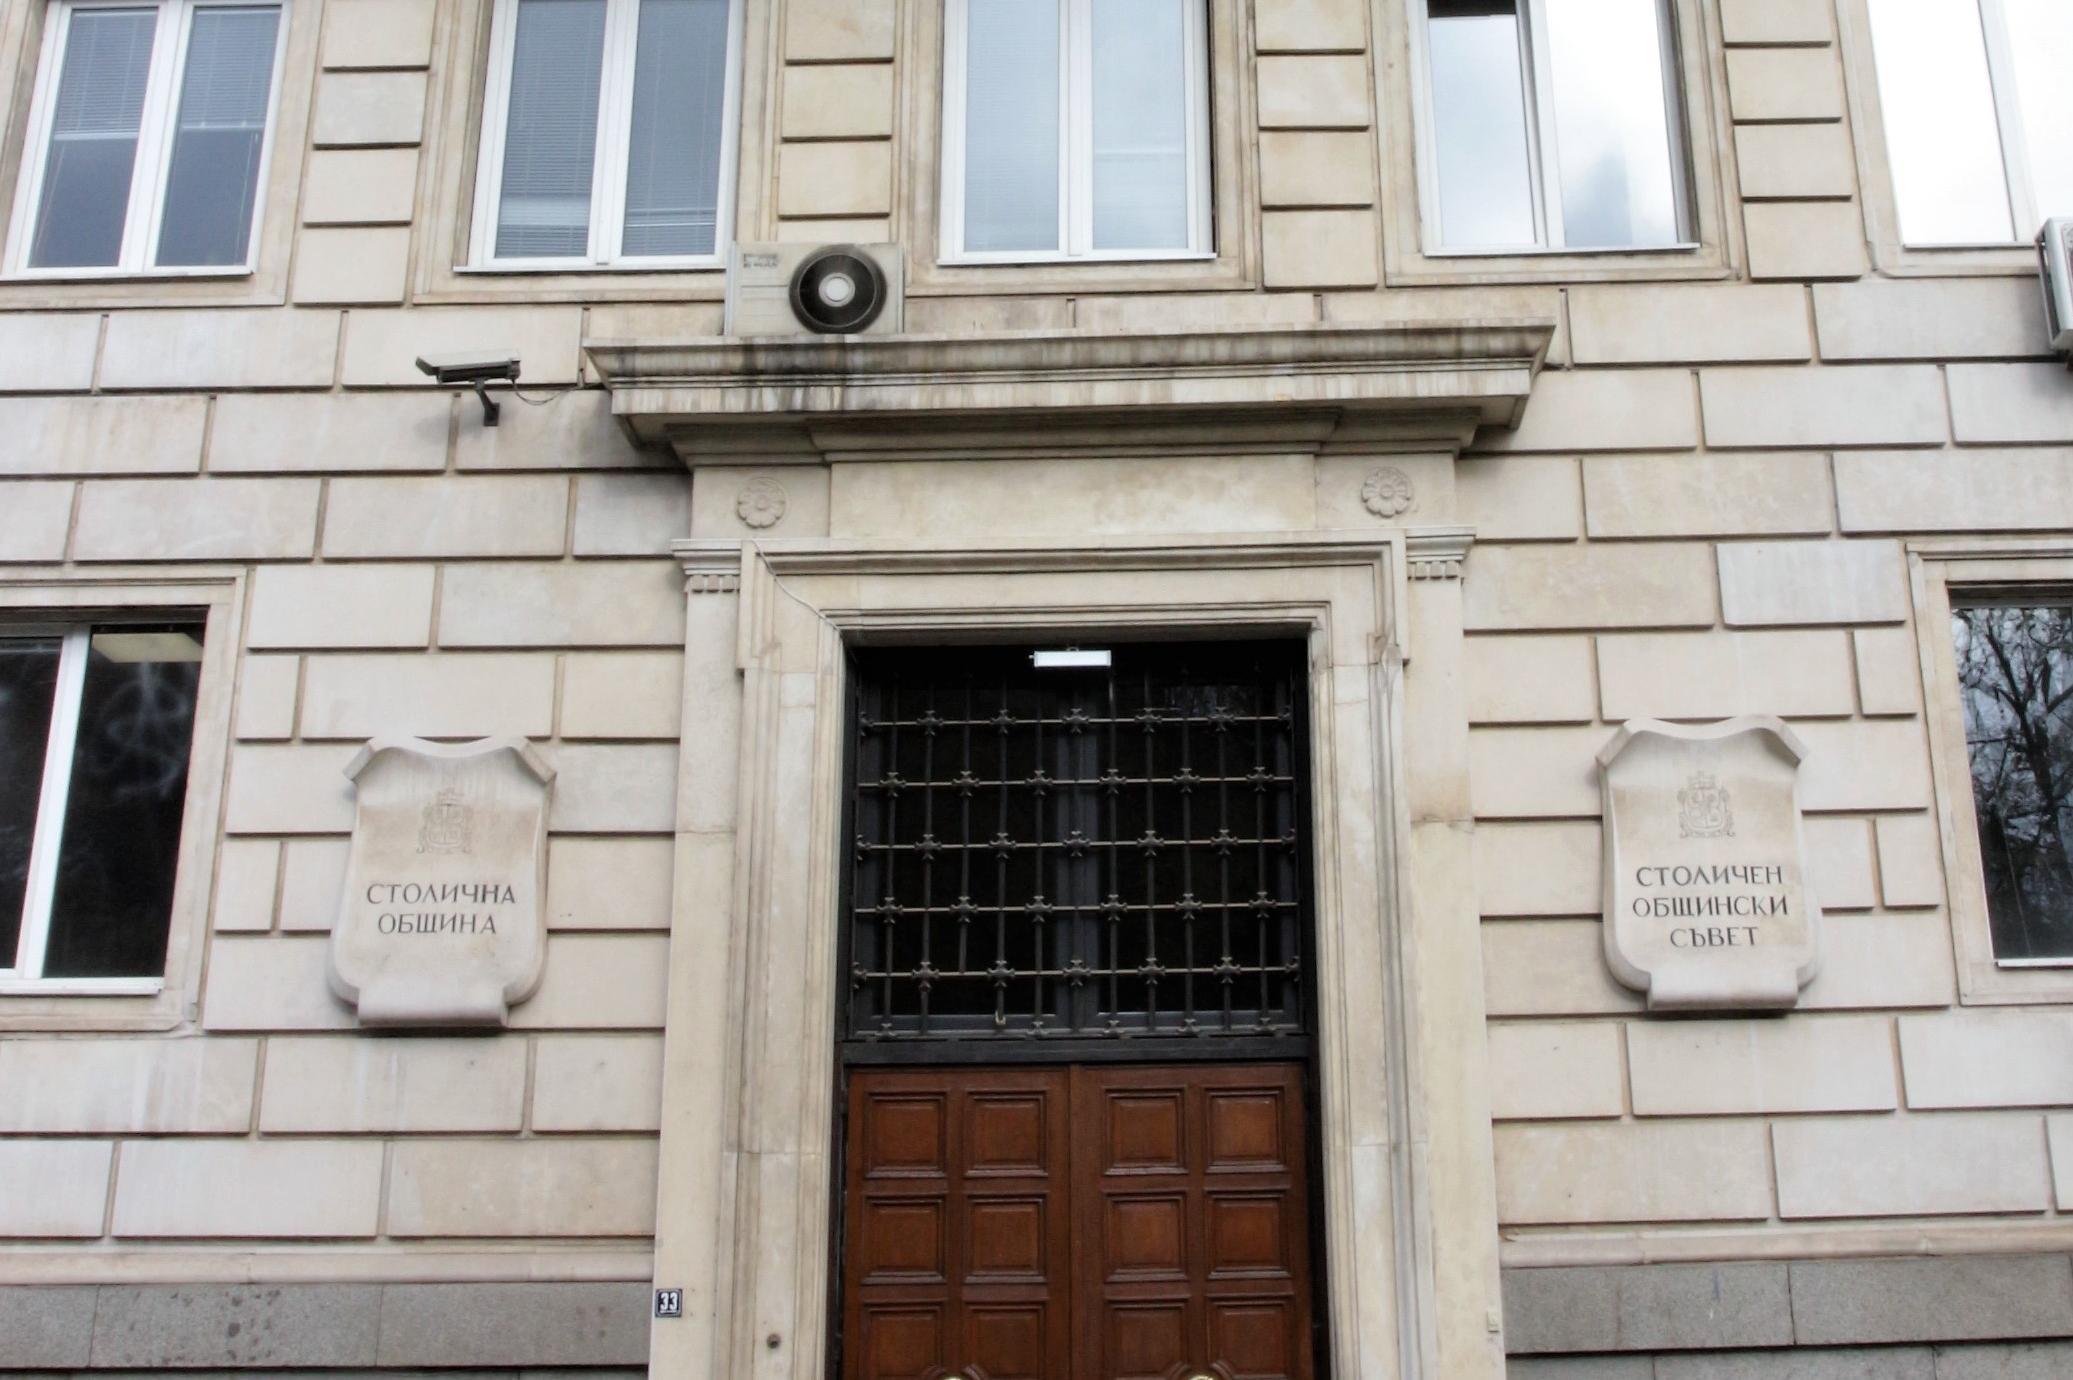 1200 заявления са подадени от фирми за освобождаване от наеми в София